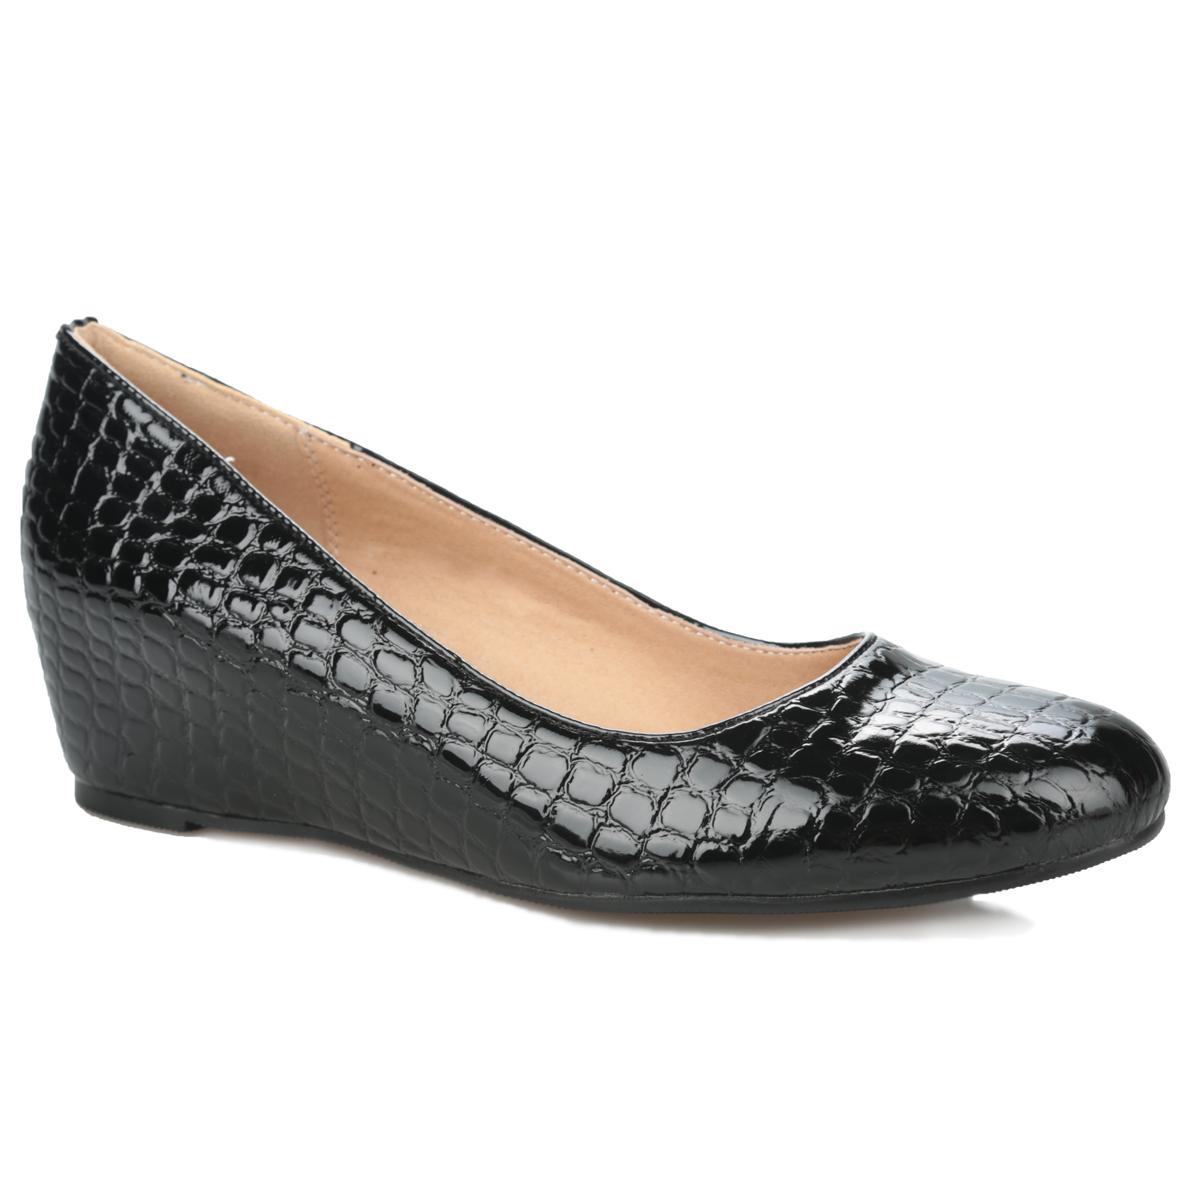 Туфли женские. 35-78-02A35-78-02AУдобные женские туфли от MakFine займут достойное место в вашем гардеробе. Модель выполнена из искусственного лака и оформлена декоративным тиснением под рептилию. Закругленный носок смотрится невероятно женственно. Подкладка и стелька из натуральной кожи обеспечивают максимальный комфорт при ходьбе. Умеренной высоты скрытая танкетка устойчива. Подошва с рифлением защищает изделие от скольжения. Лаконичные туфли прекрасно дополнят любой из ваших модных образов.